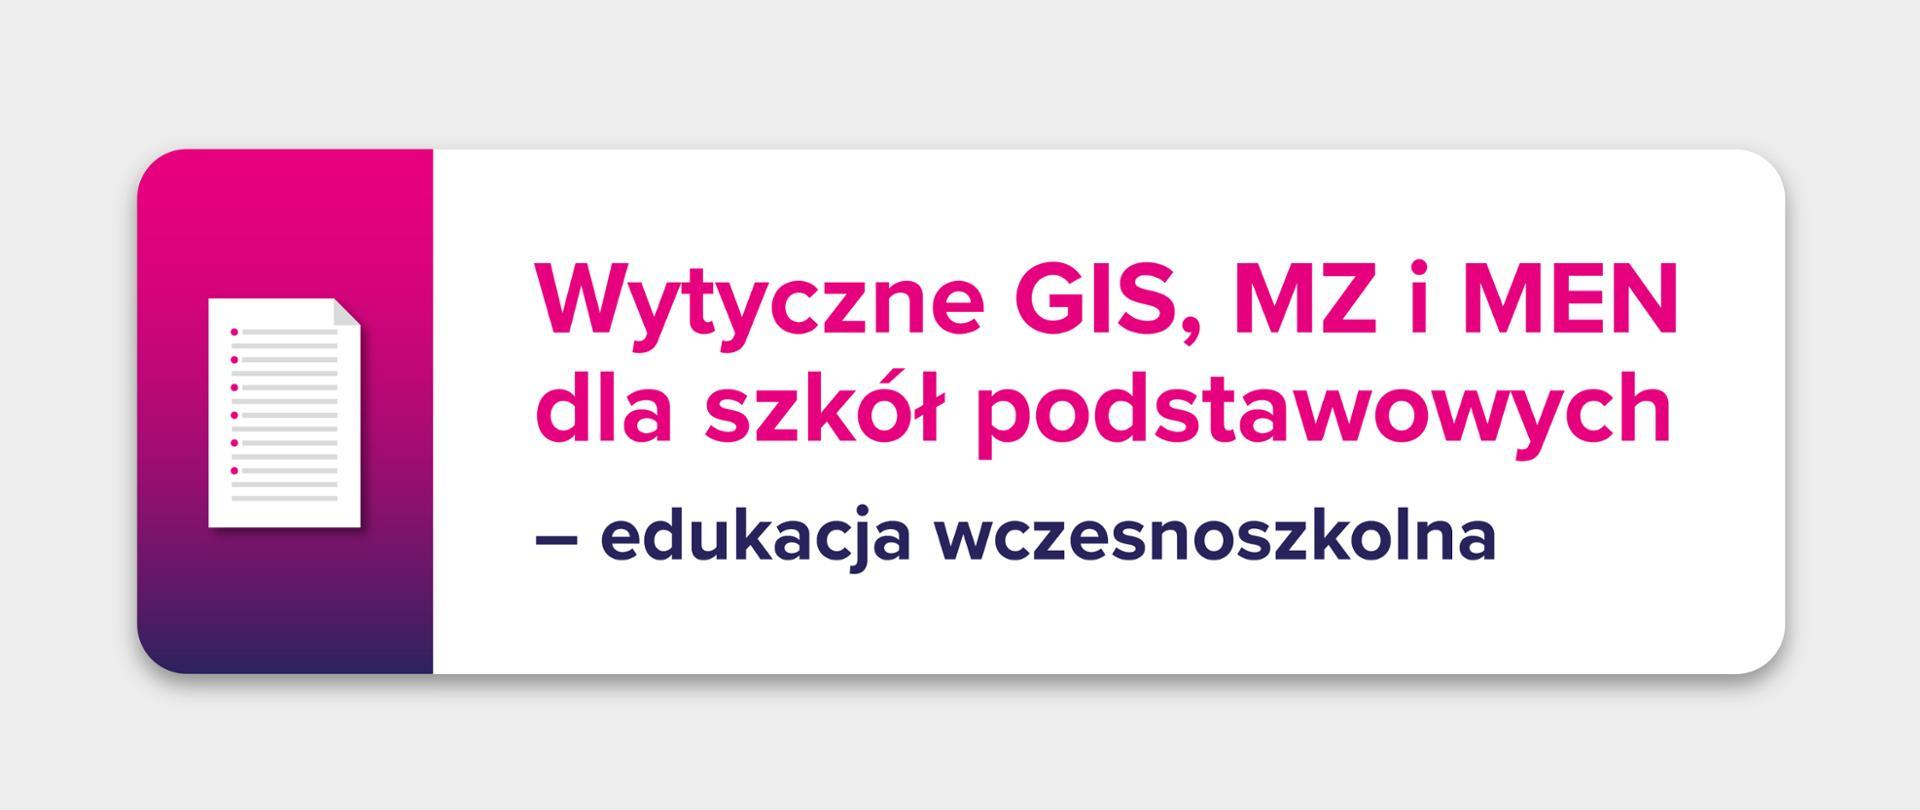 """Jasnoszare tło z ikoną kartki z listą na różowo-fioletowym tle po lewej stronie. Po prawo tekst na białym prostokącie: """"Wytyczne GIS, MZ i MEN dla szkół podstawowych – edukacja wczesnoszkolna"""""""